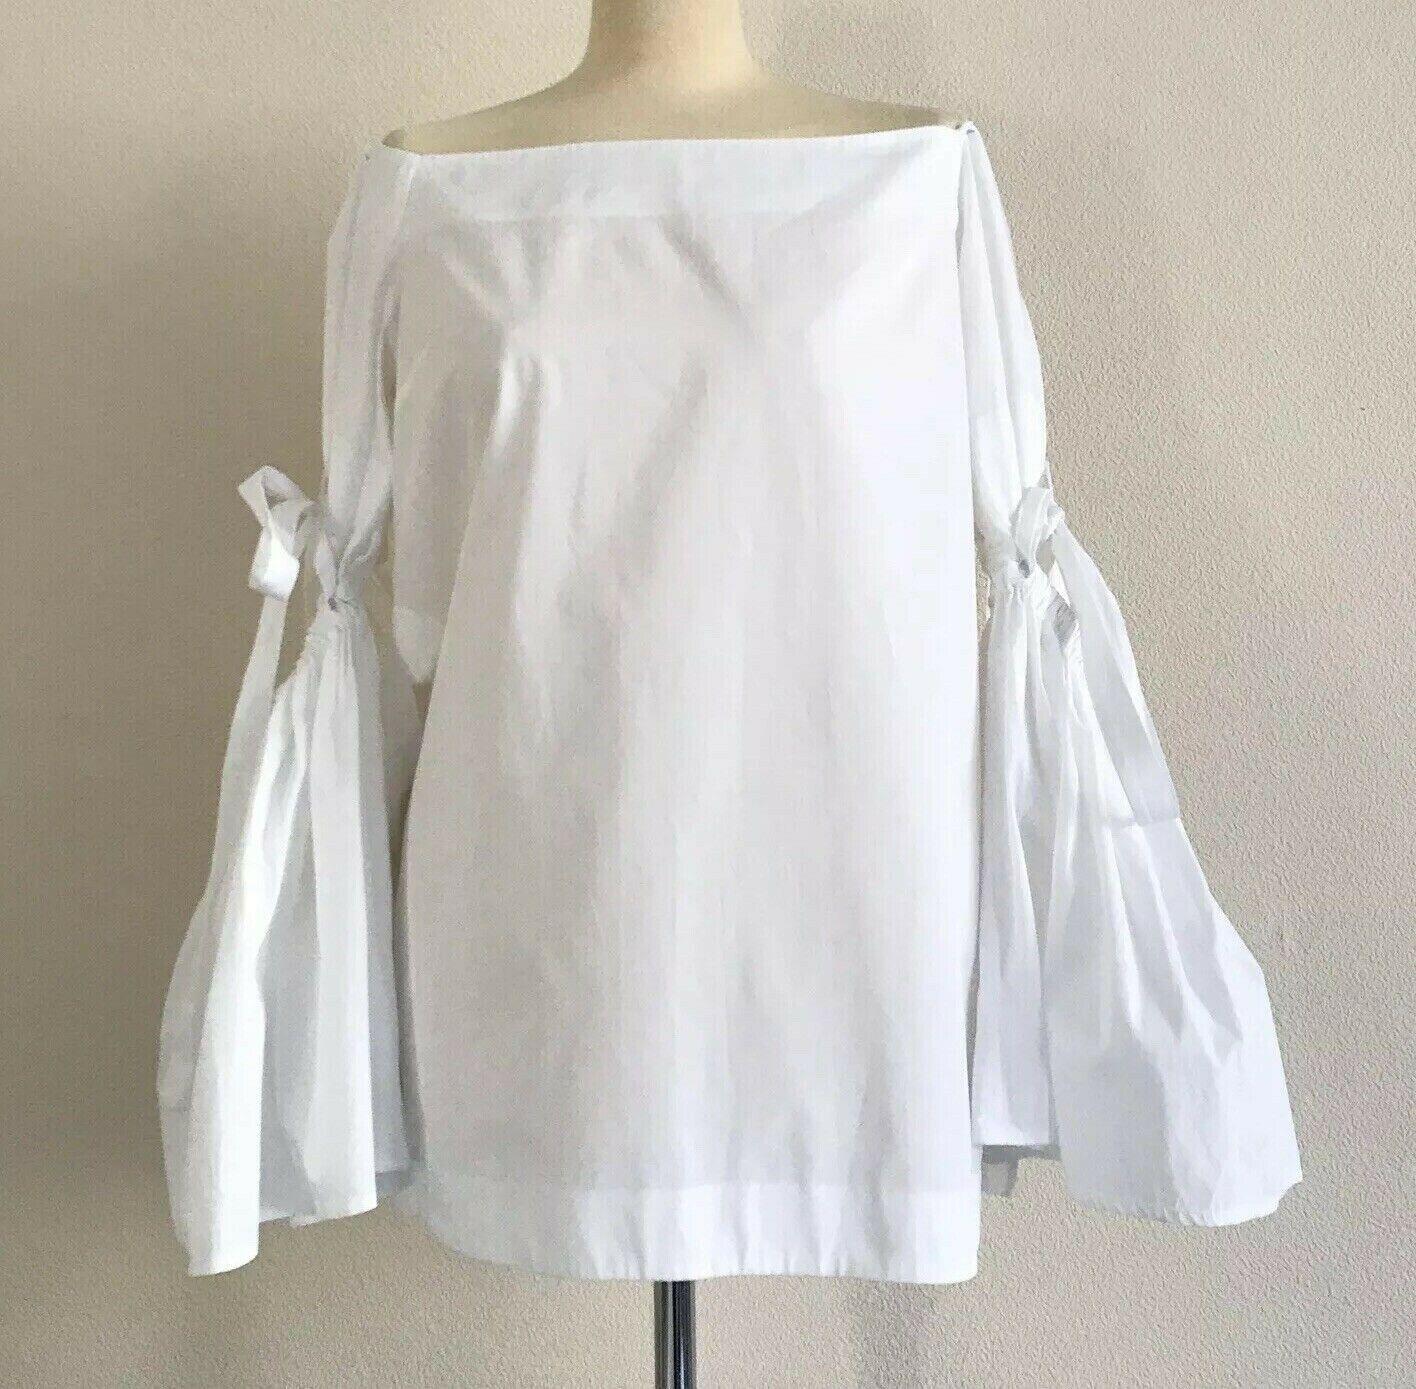 ELLERY blancoo  Cirilo   del hombro Bow de súperdry con mangas Acampanada-Reino Unido 14 en muy buena condición  ventas en linea